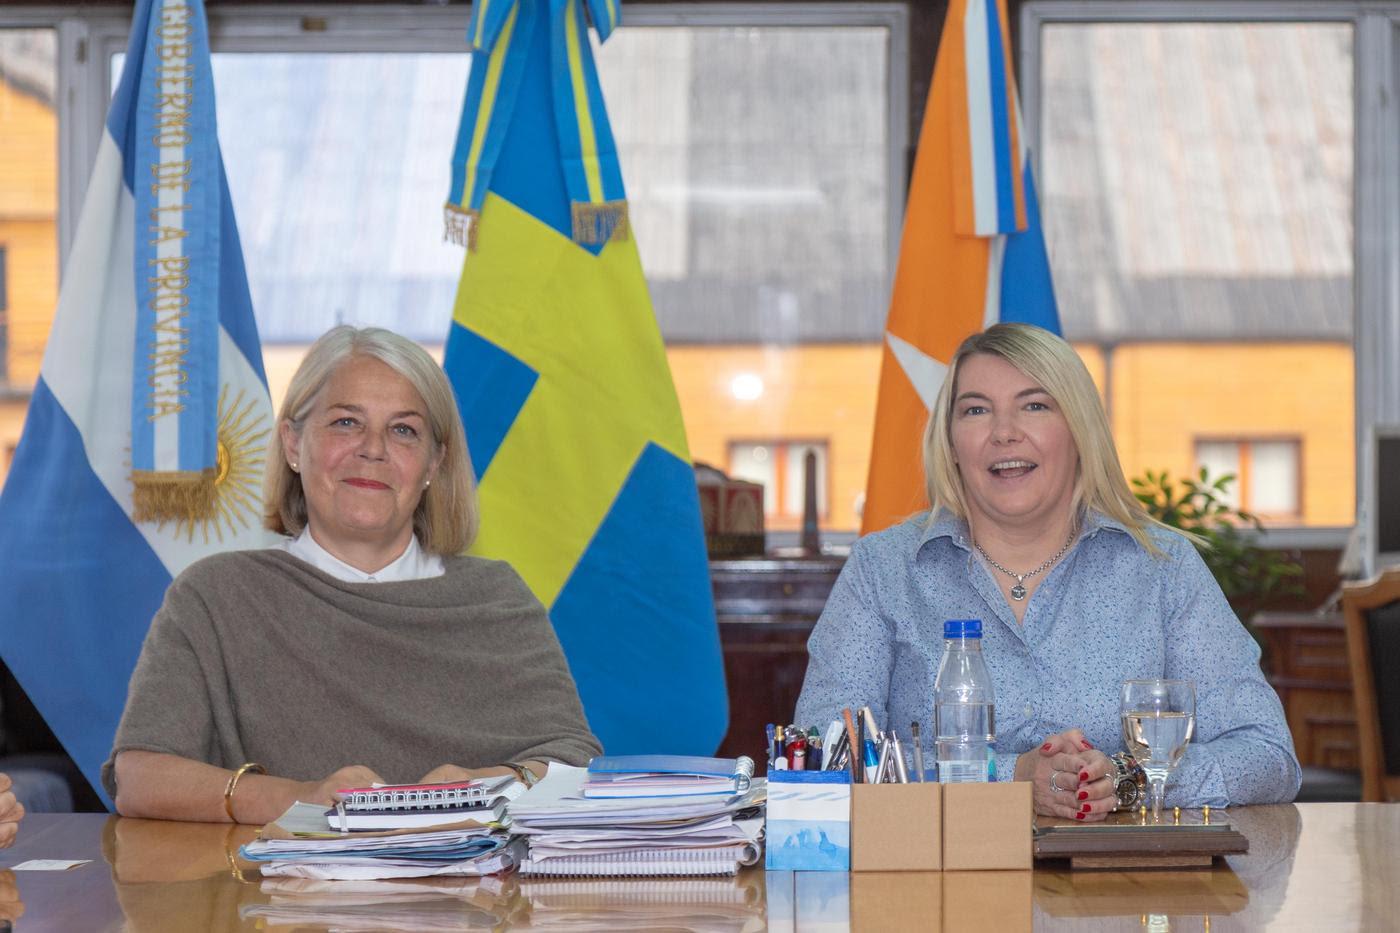 con la sueca